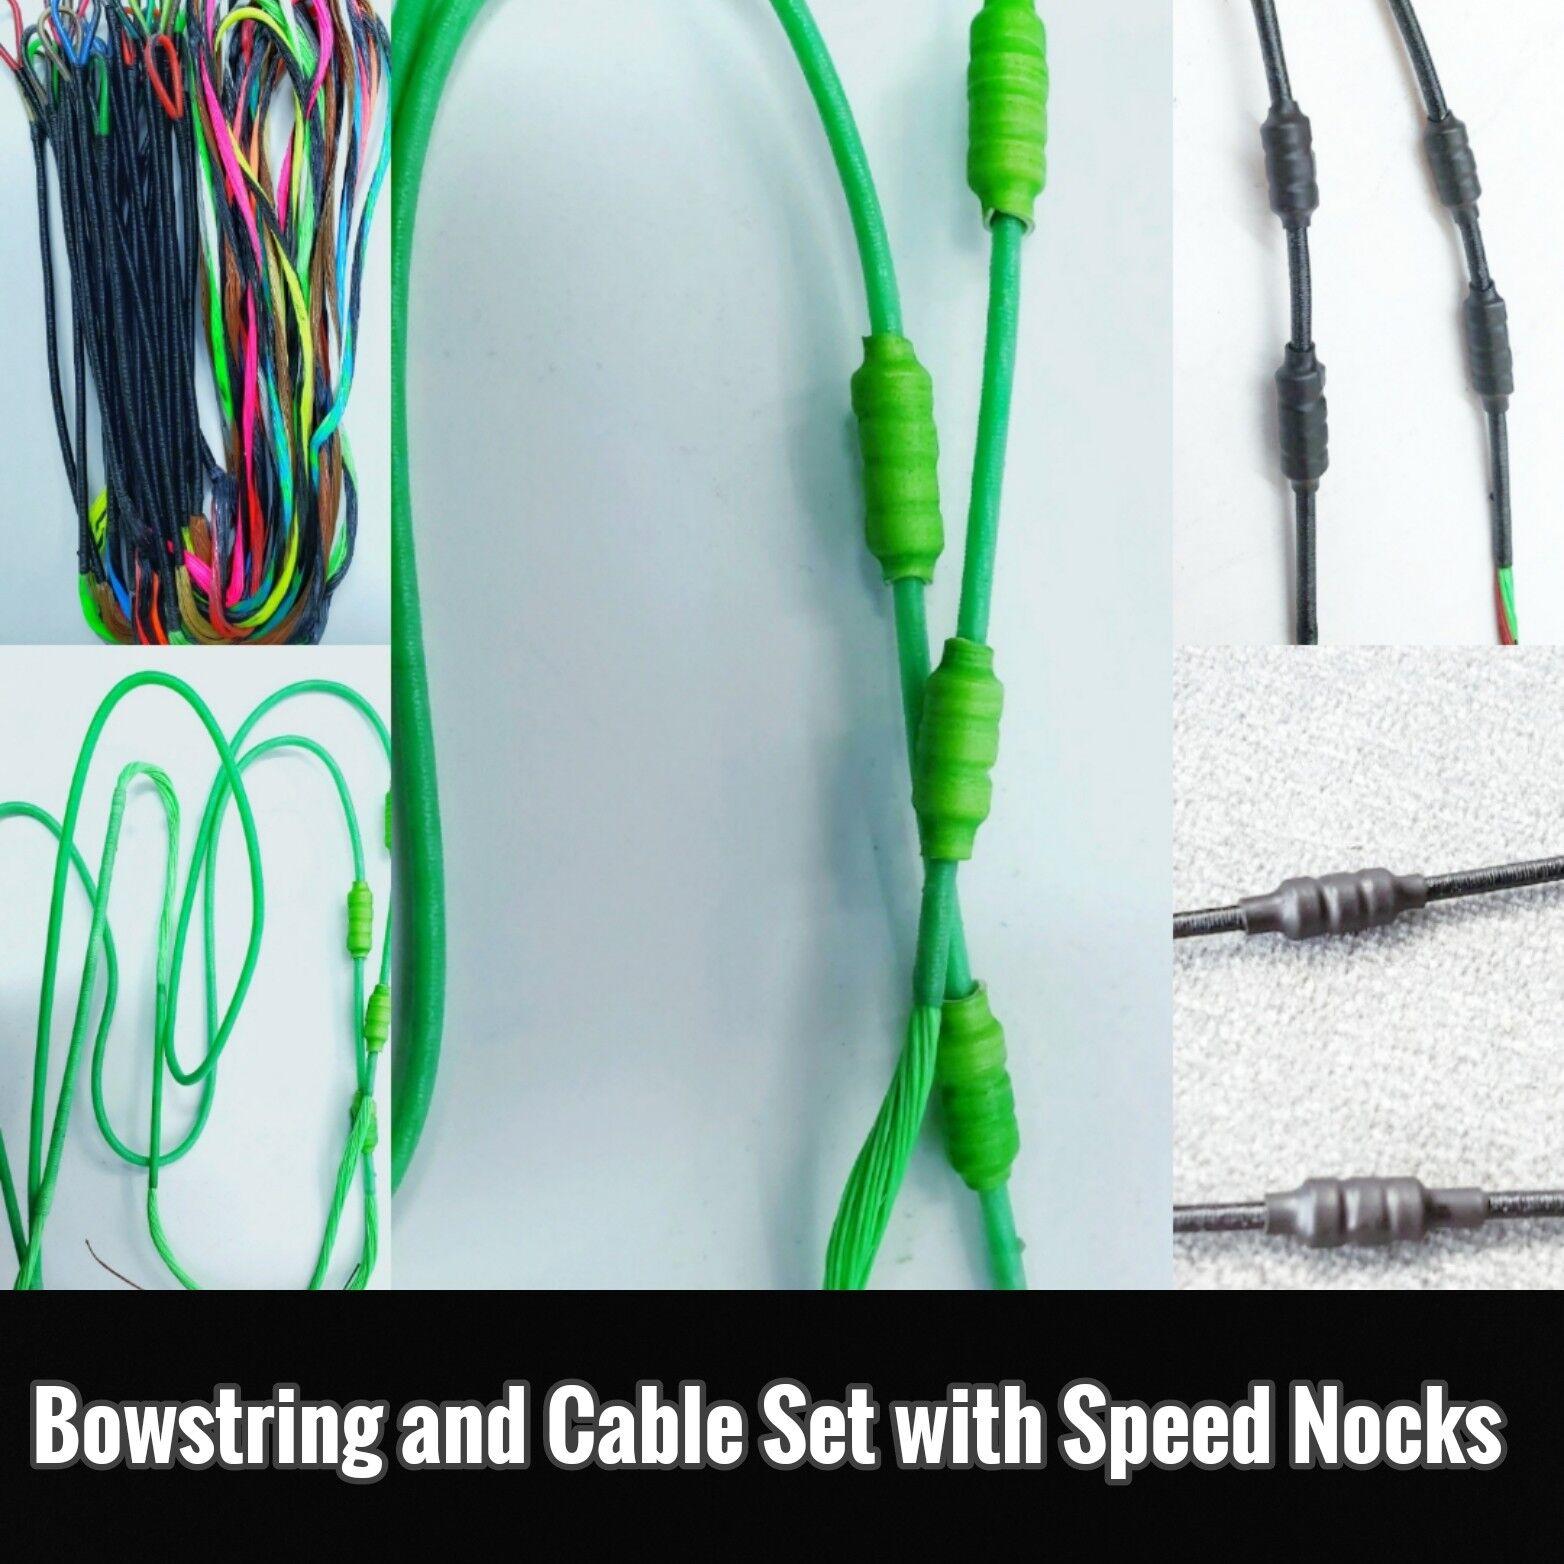 Bowtech Rpm 360 Cuerda de arco y juego de cables con velocidad culatines Envío Gratuito